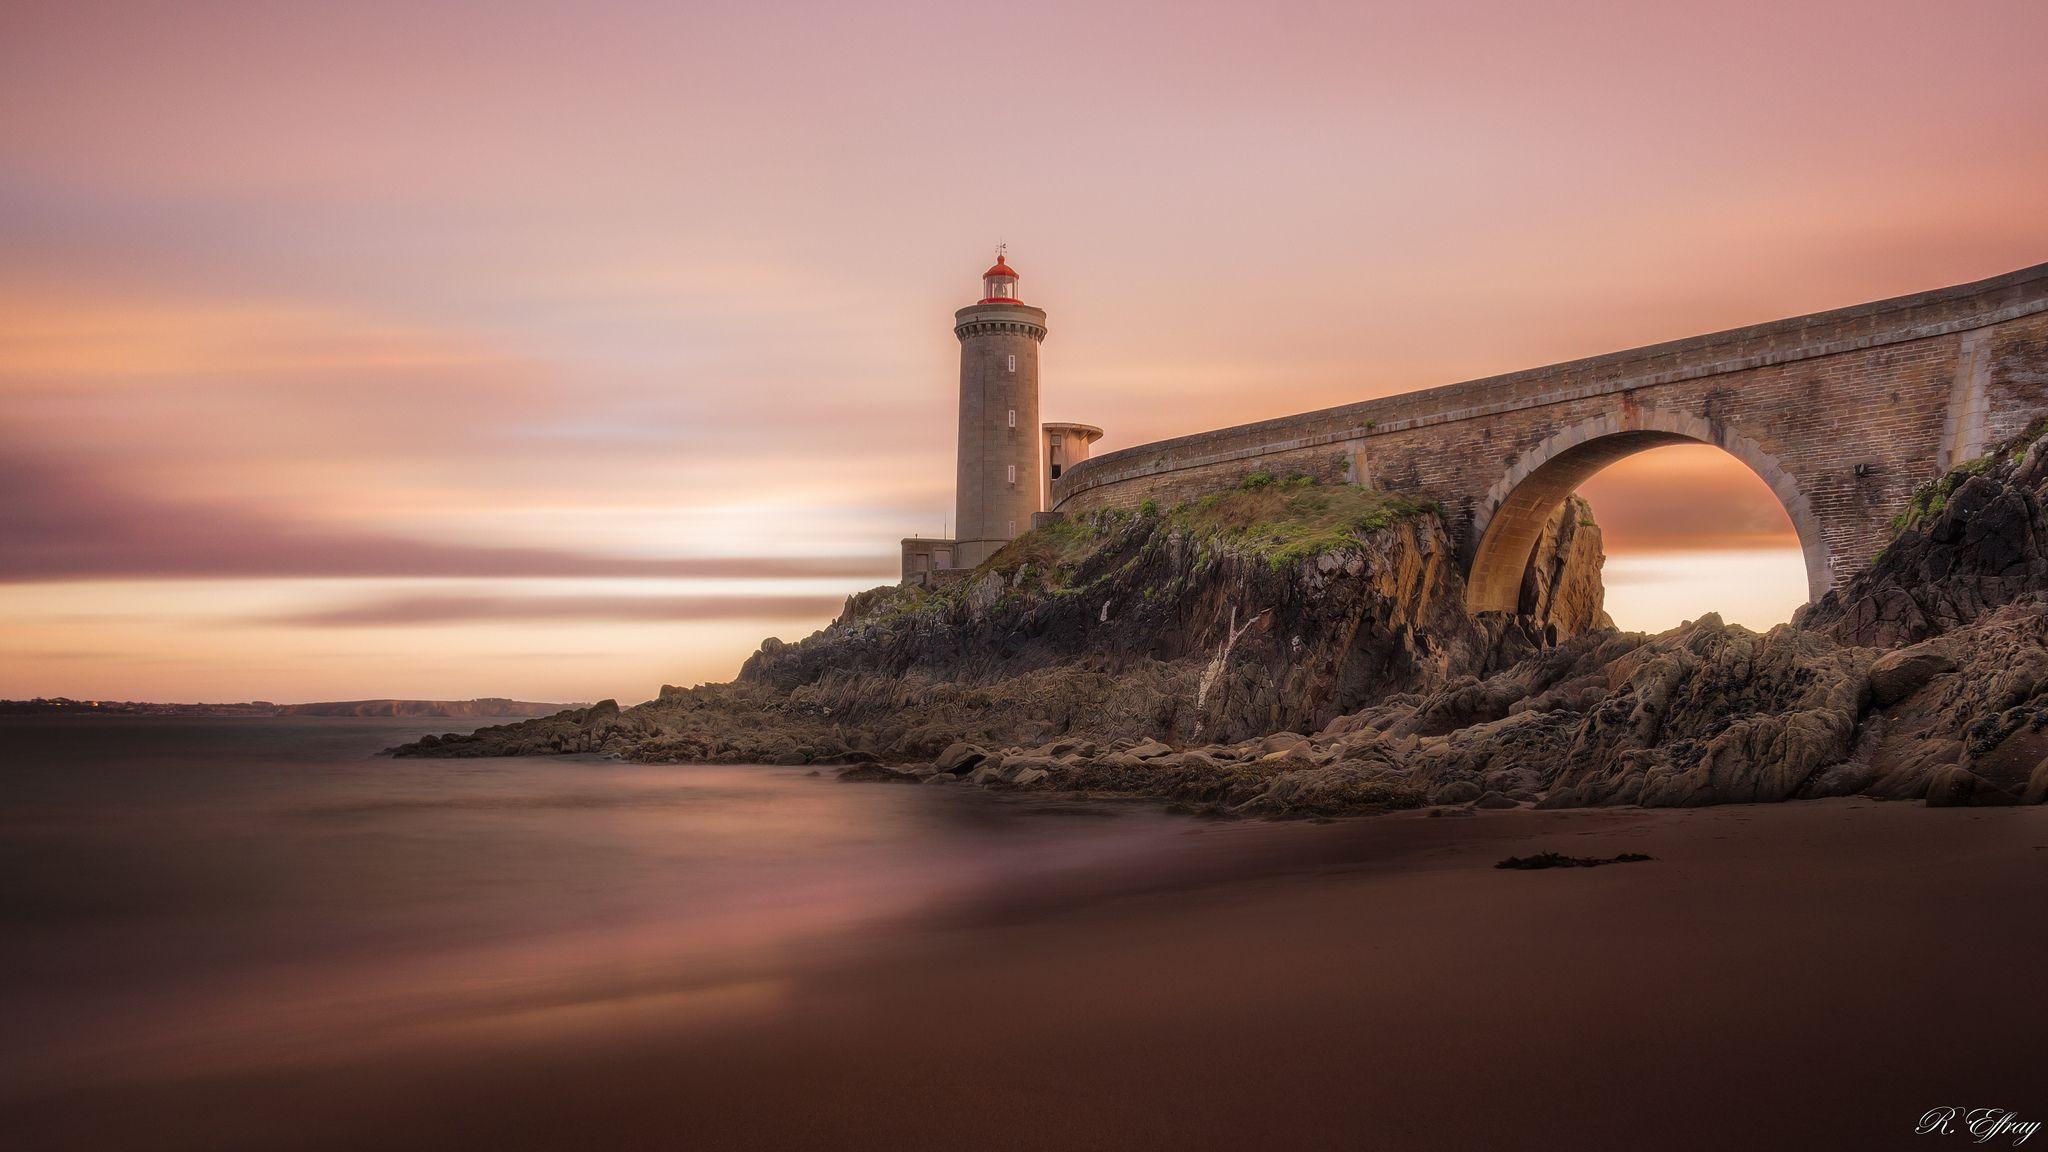 Phare Du Petit Minou Explore 20 09 16 Lighthouse Hd Images, Photos, Reviews